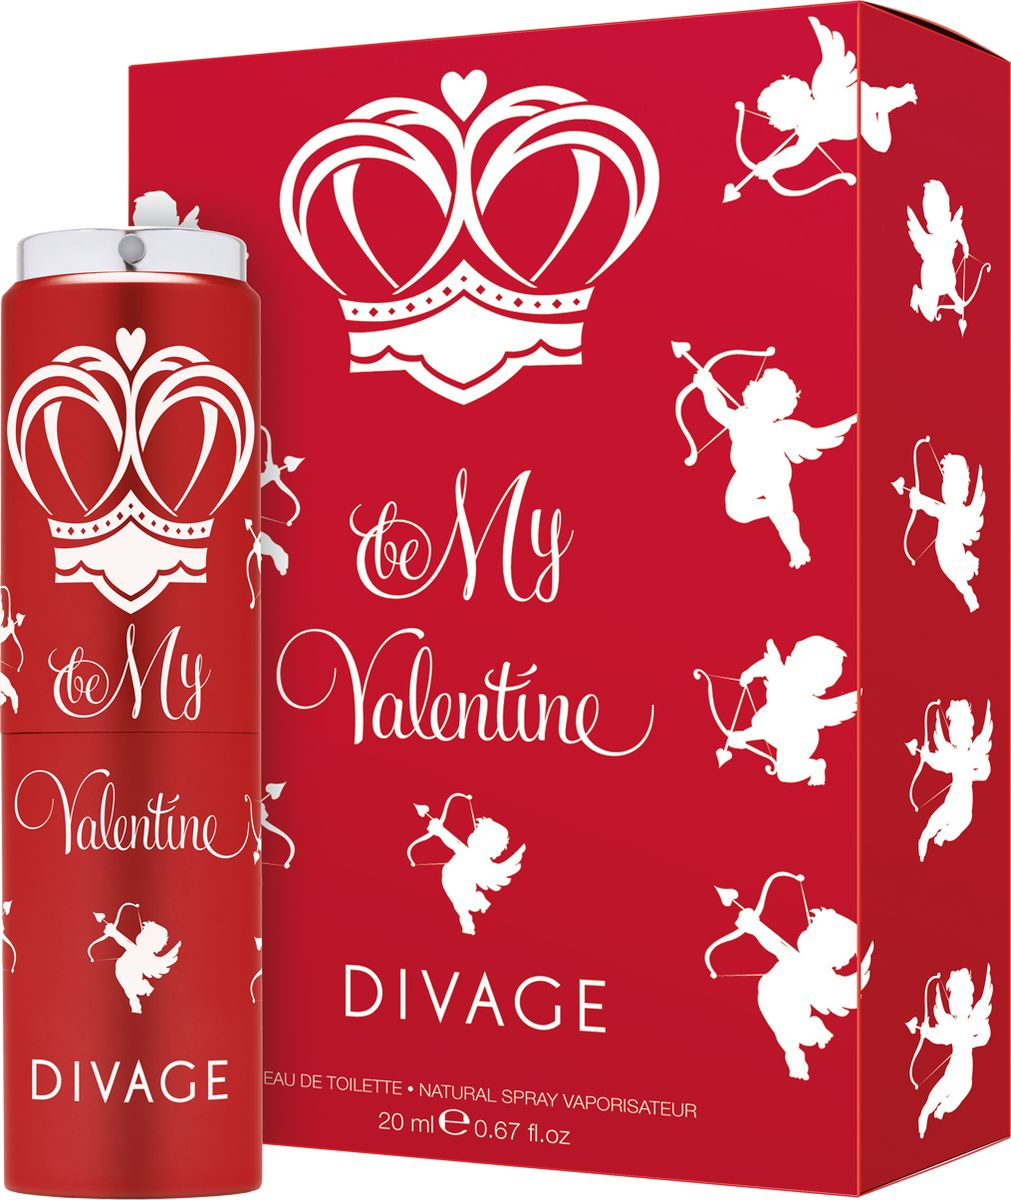 Divage Туалетная Вода Be my valentine 20 млDVEDT011Самая прекрасная история любви, воплощена в этом чувственном, цветочно-древесном аромате. Пленительный гальбанум, зеленый шипр, сладкий бархатный персик, роскошная и благоухающая белая роза плавно переплетаются с нежным мускусом и чувственным пачули и дарят настоящее романтическое настроение. Влюбляйся, целуй, будь невероятно женственной, обольстительной и привлекательной!Краткий гид по парфюмерии: виды, ноты, ароматы, советы по выбору. Статья OZON Гид